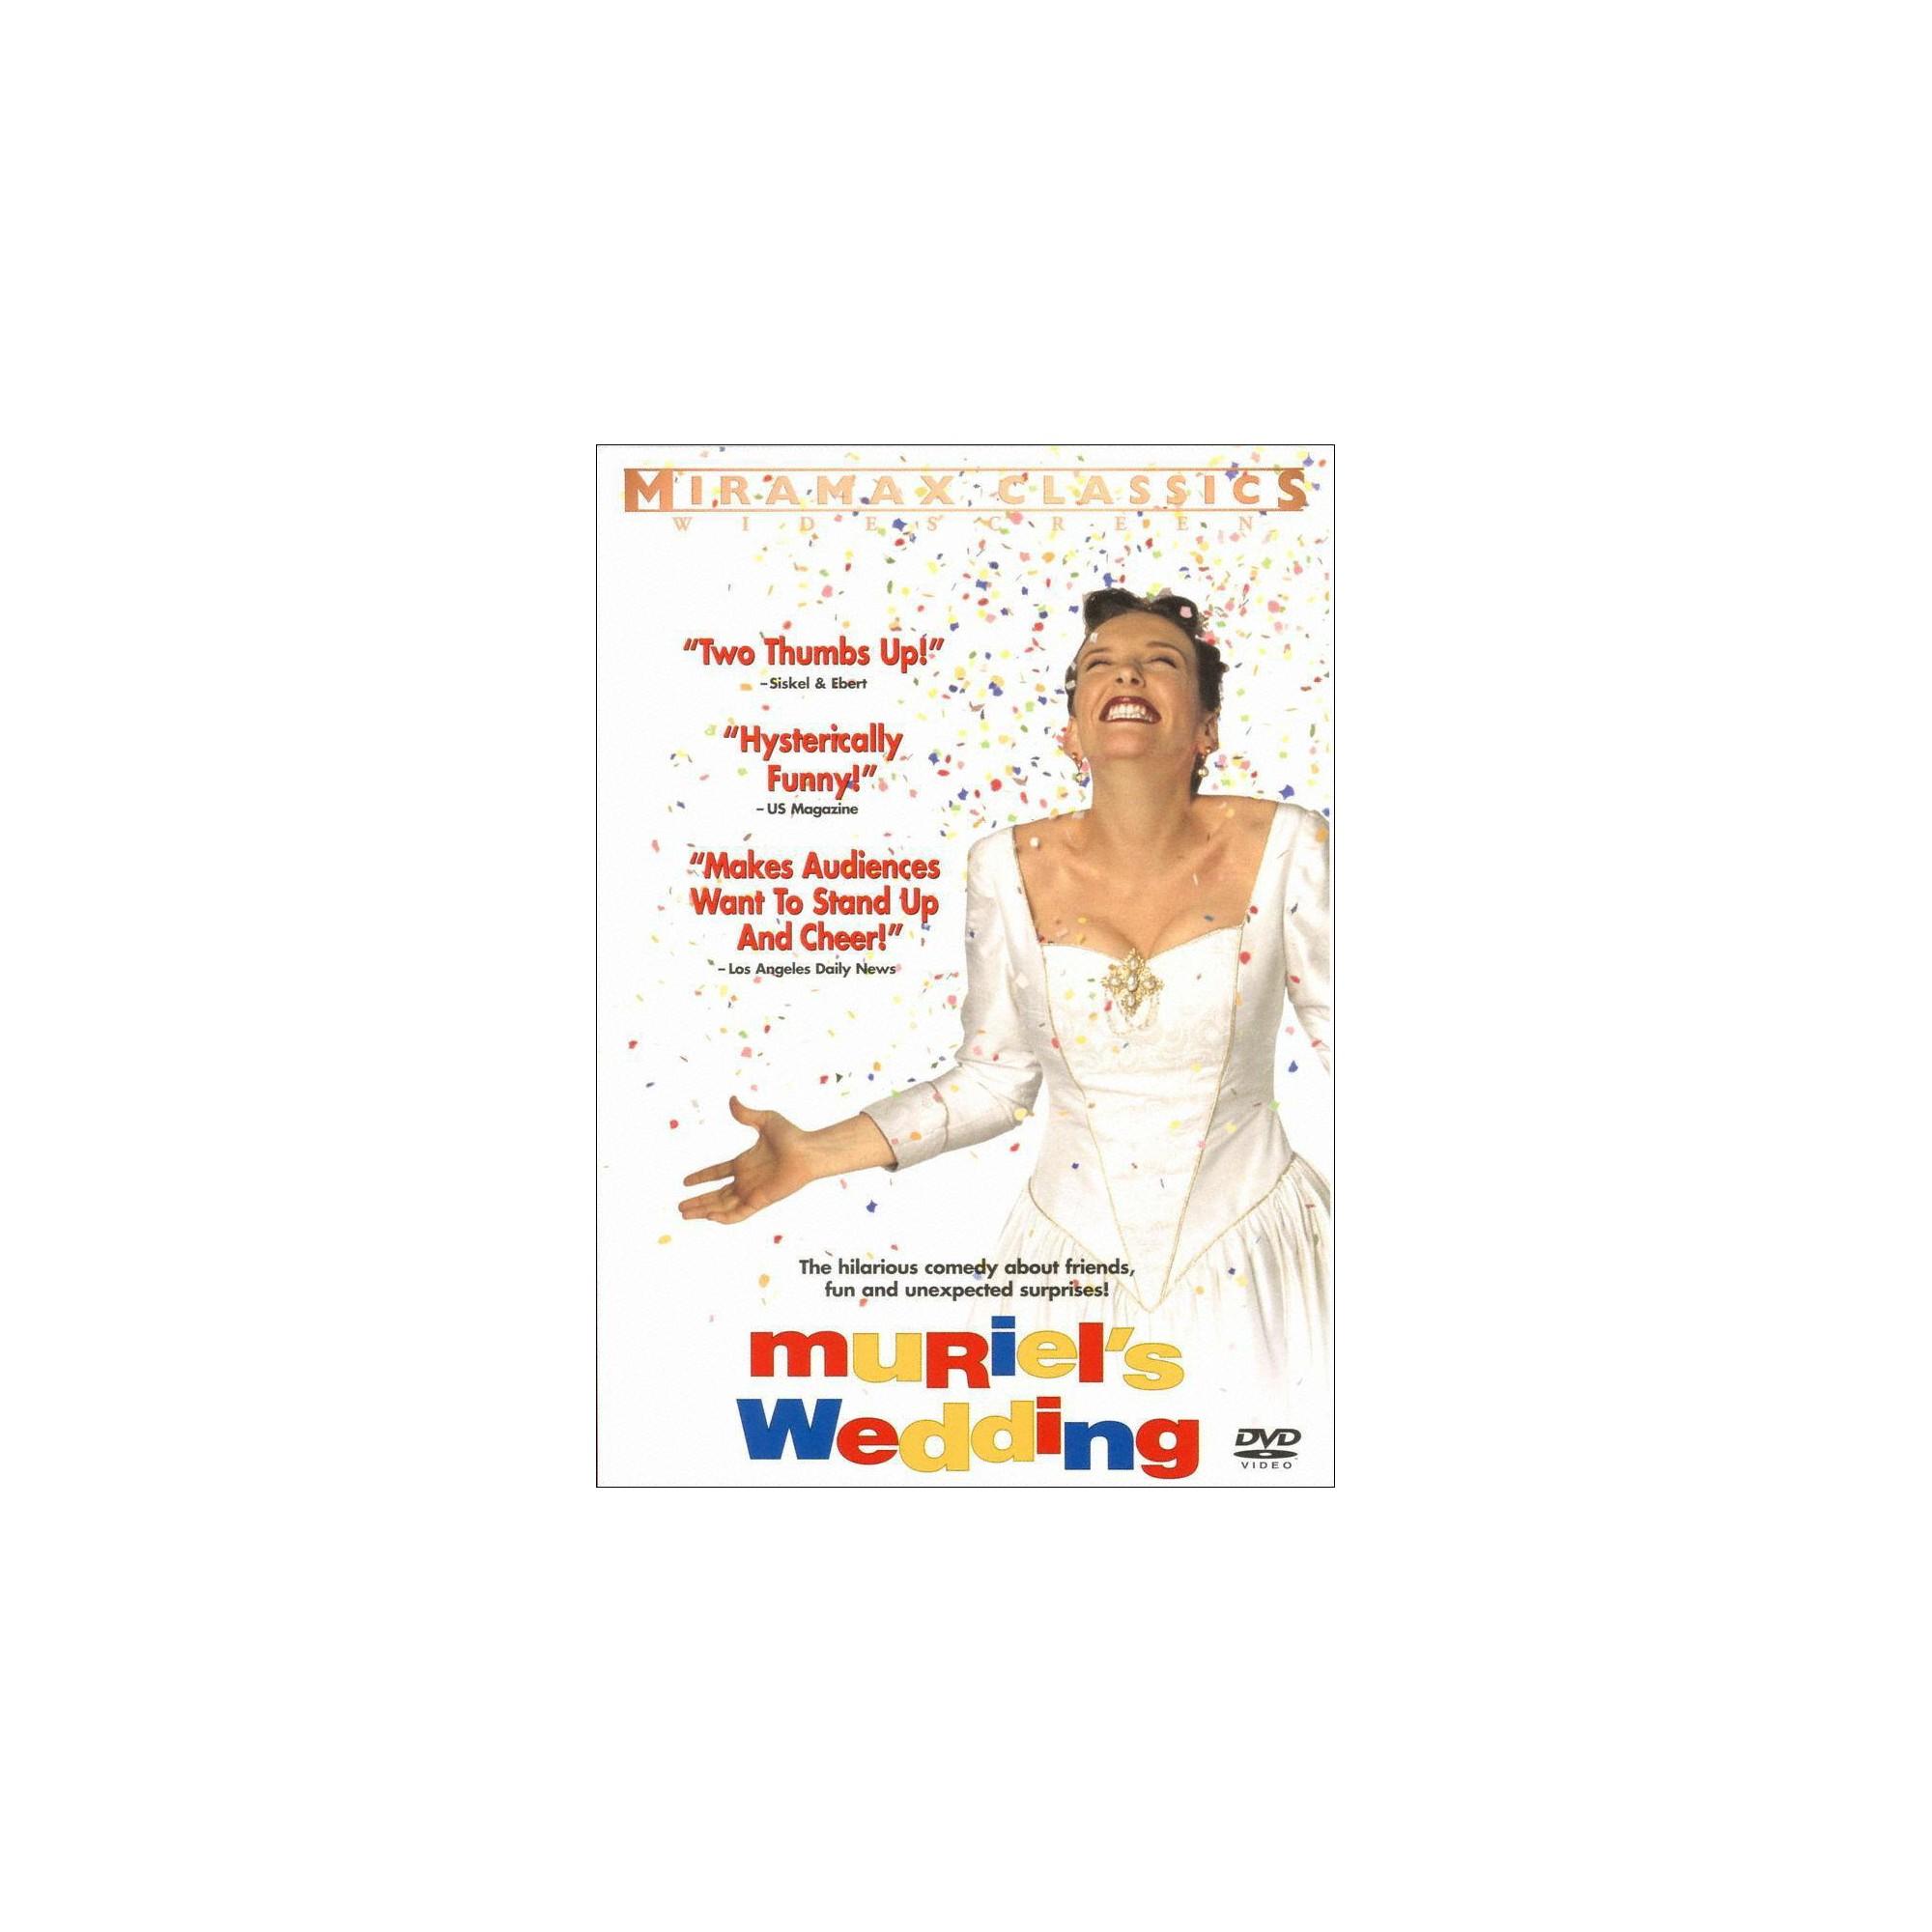 Muriel's wedding (Dvd), Movies Muriel's wedding, Wedding